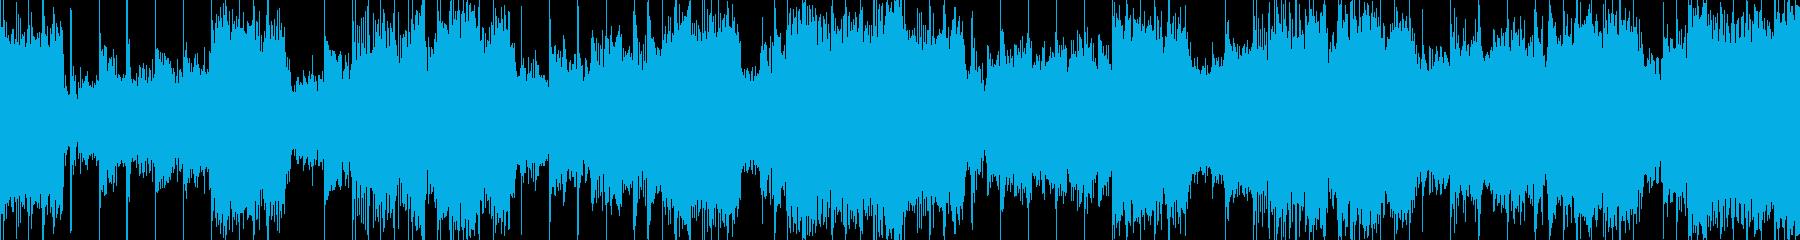 攻撃的なヘビーEギター+デジタルサウンドの再生済みの波形